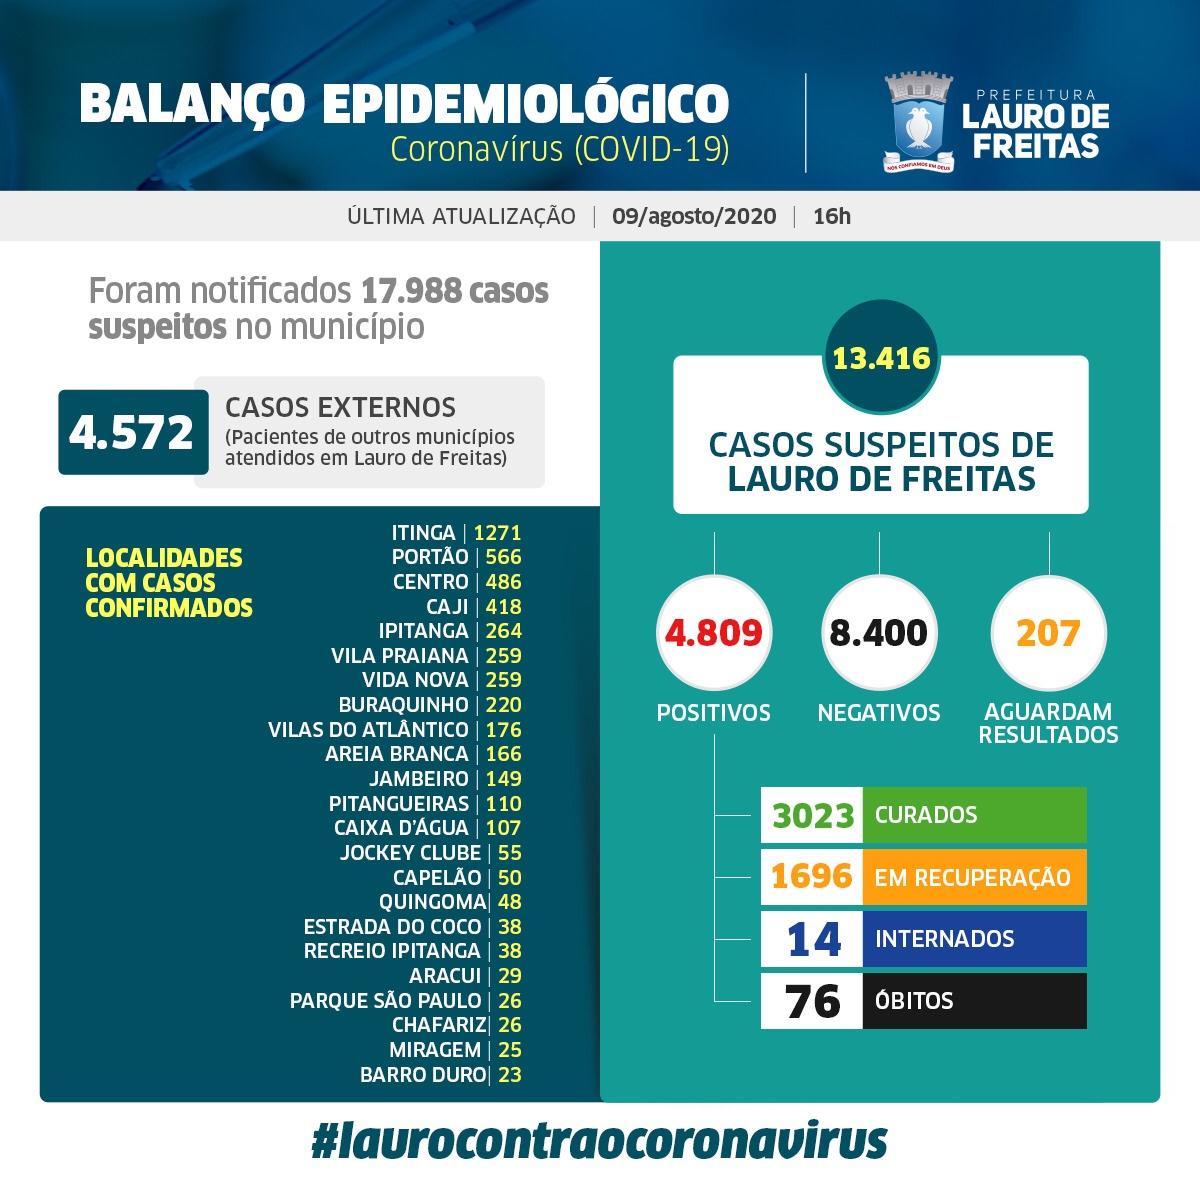 Lauro de Freitas em 4.809 casos positivos da Covid-19, com 3.023 pessoas já curadas